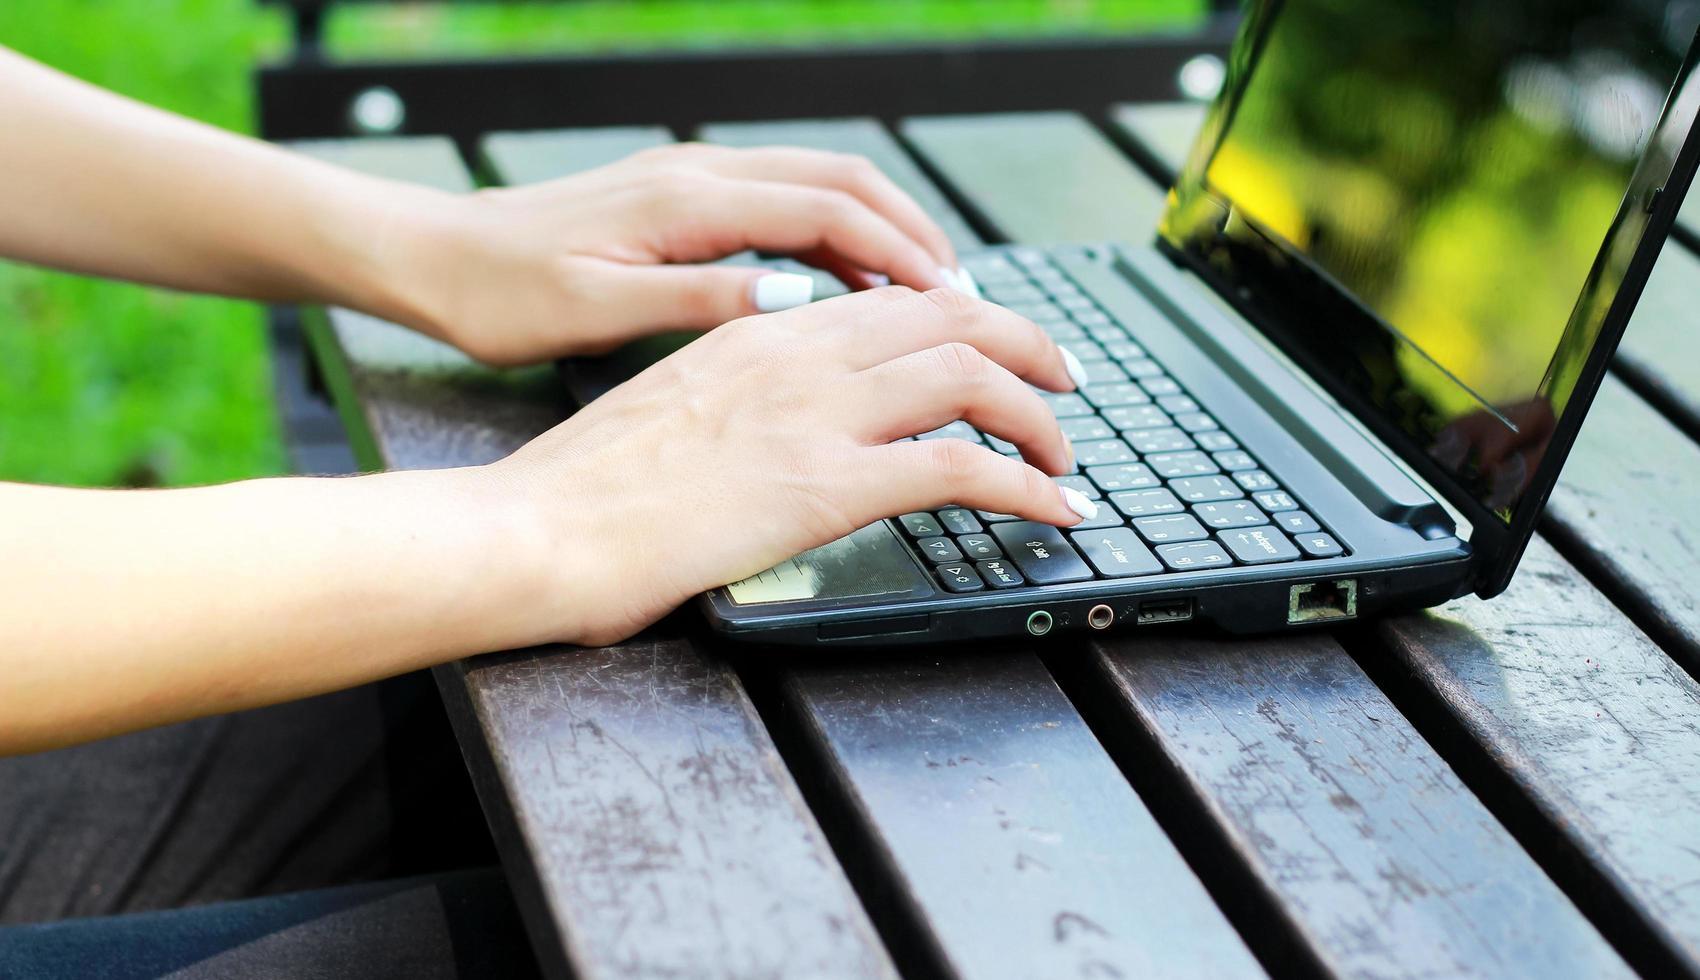 mains travaillant avec un ordinateur portable photo